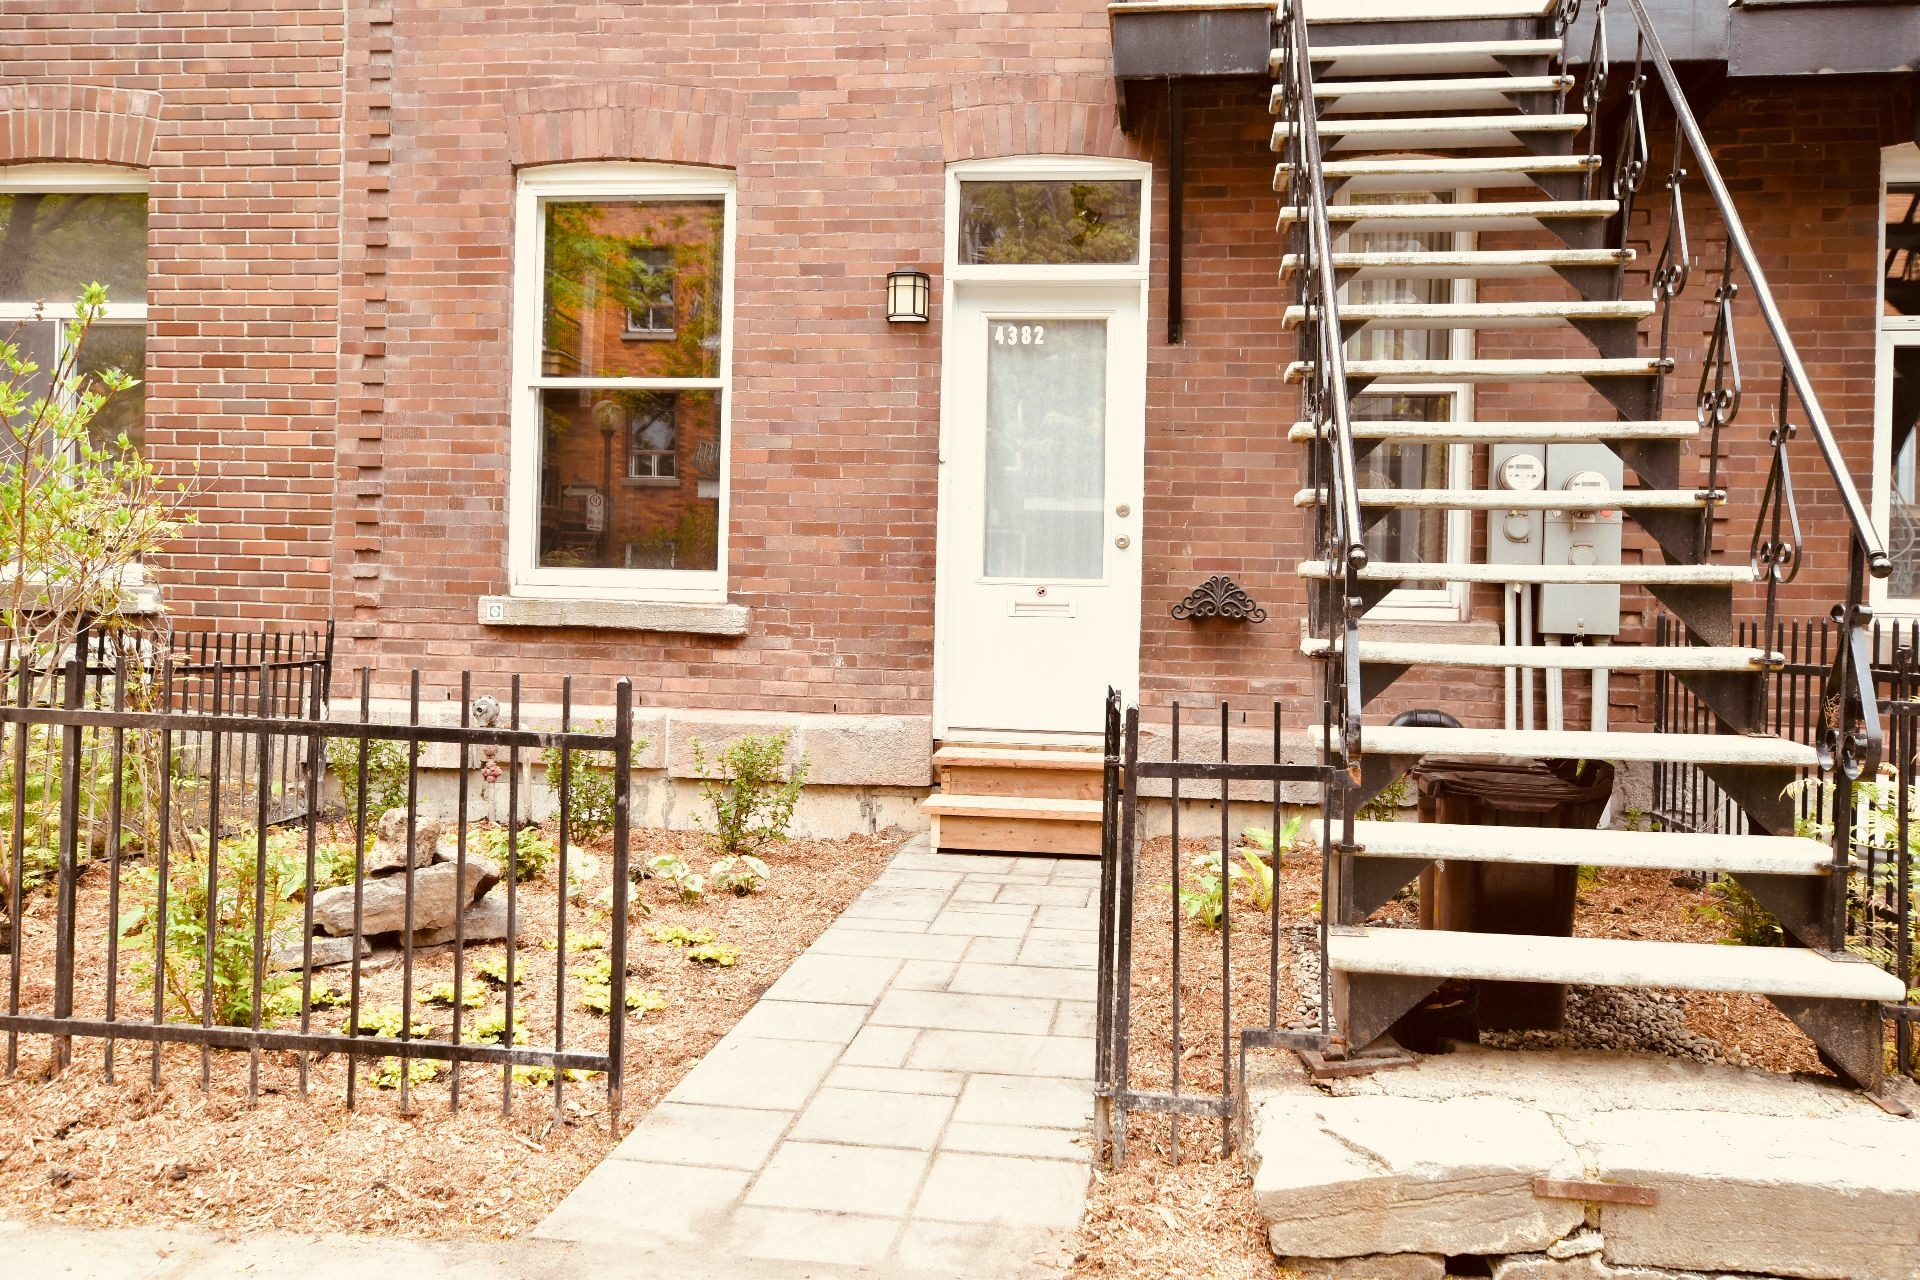 image 35 - Maison À louer Montréal Le Plateau-Mont-Royal  - 14 pièces